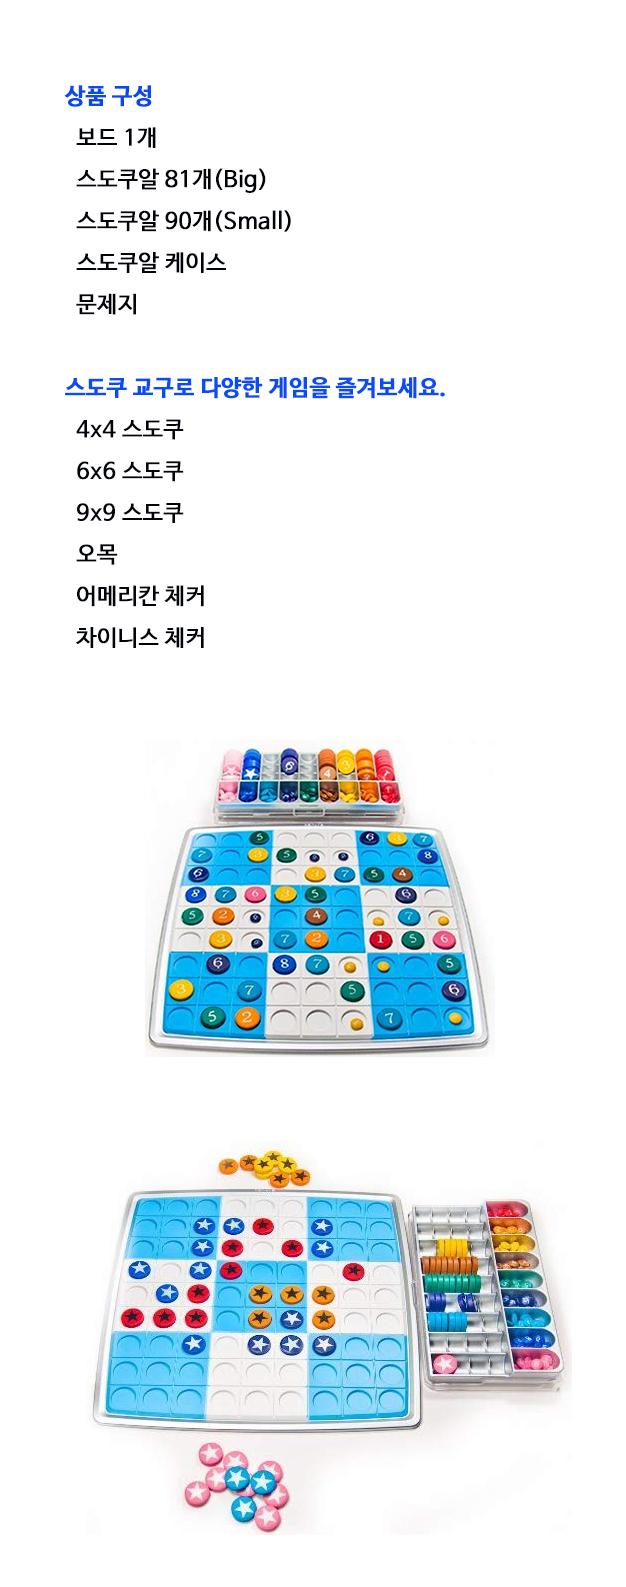 673e42d3b941c2119b620a9ca943aabb_1587978357_39.jpg